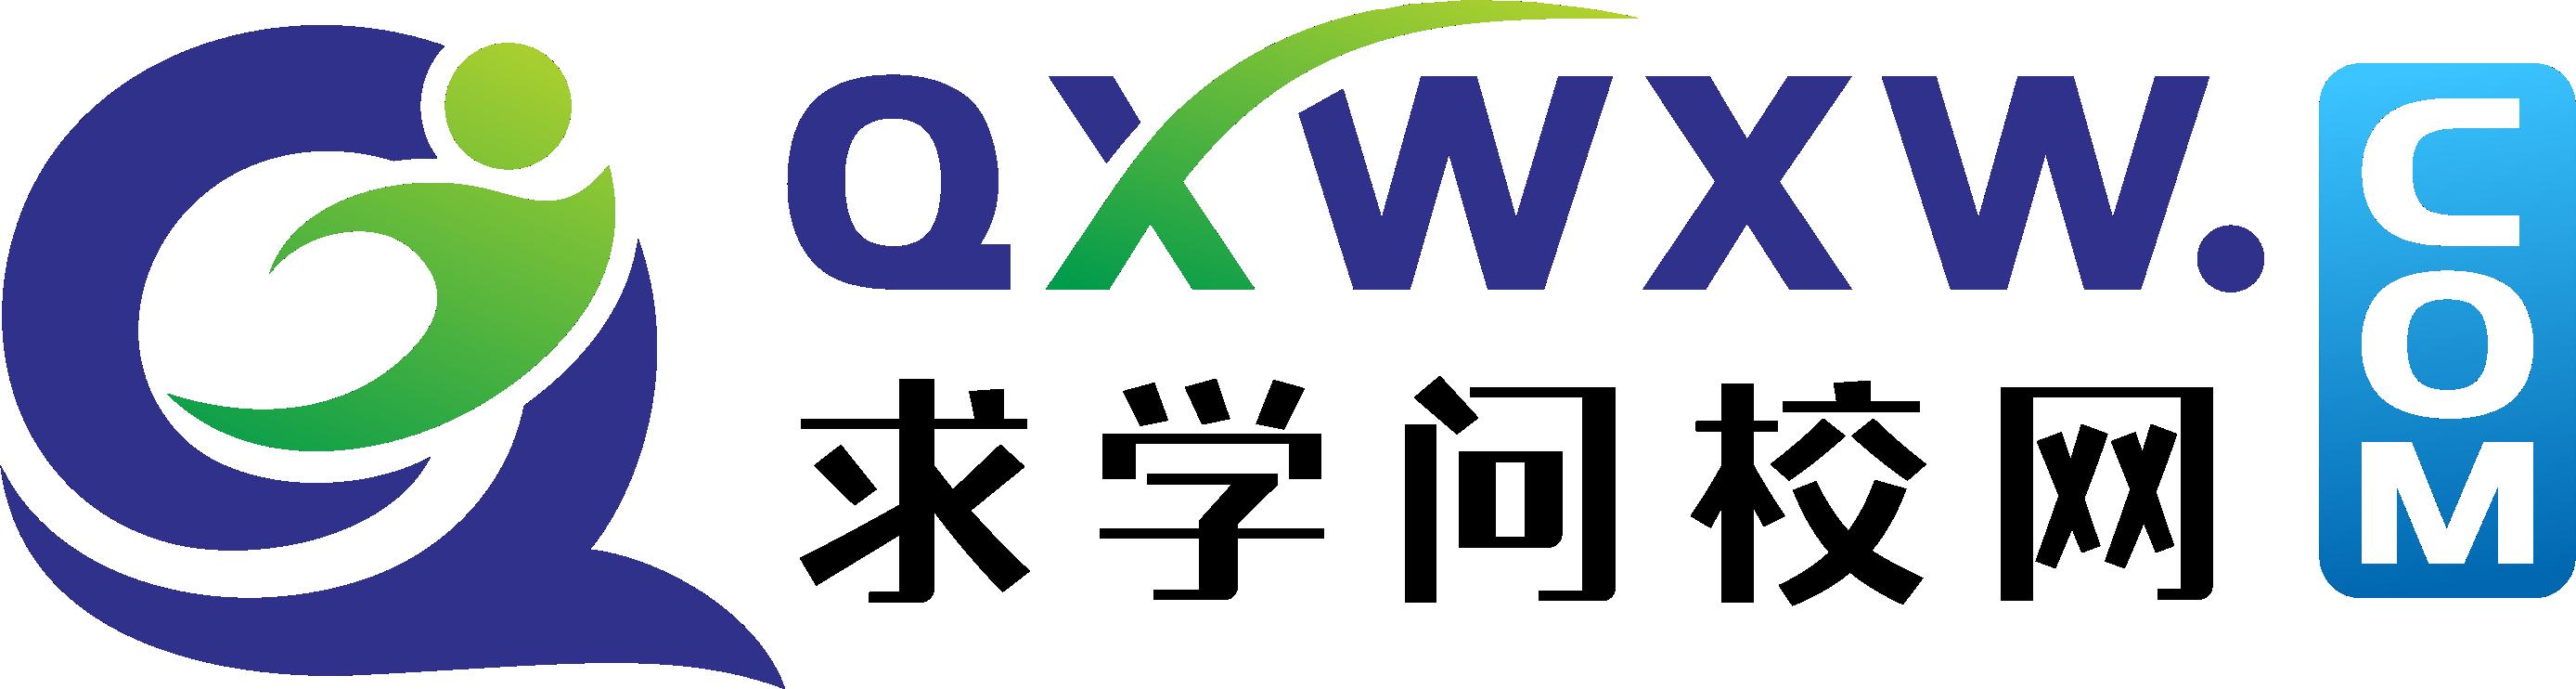 求学问校网logo